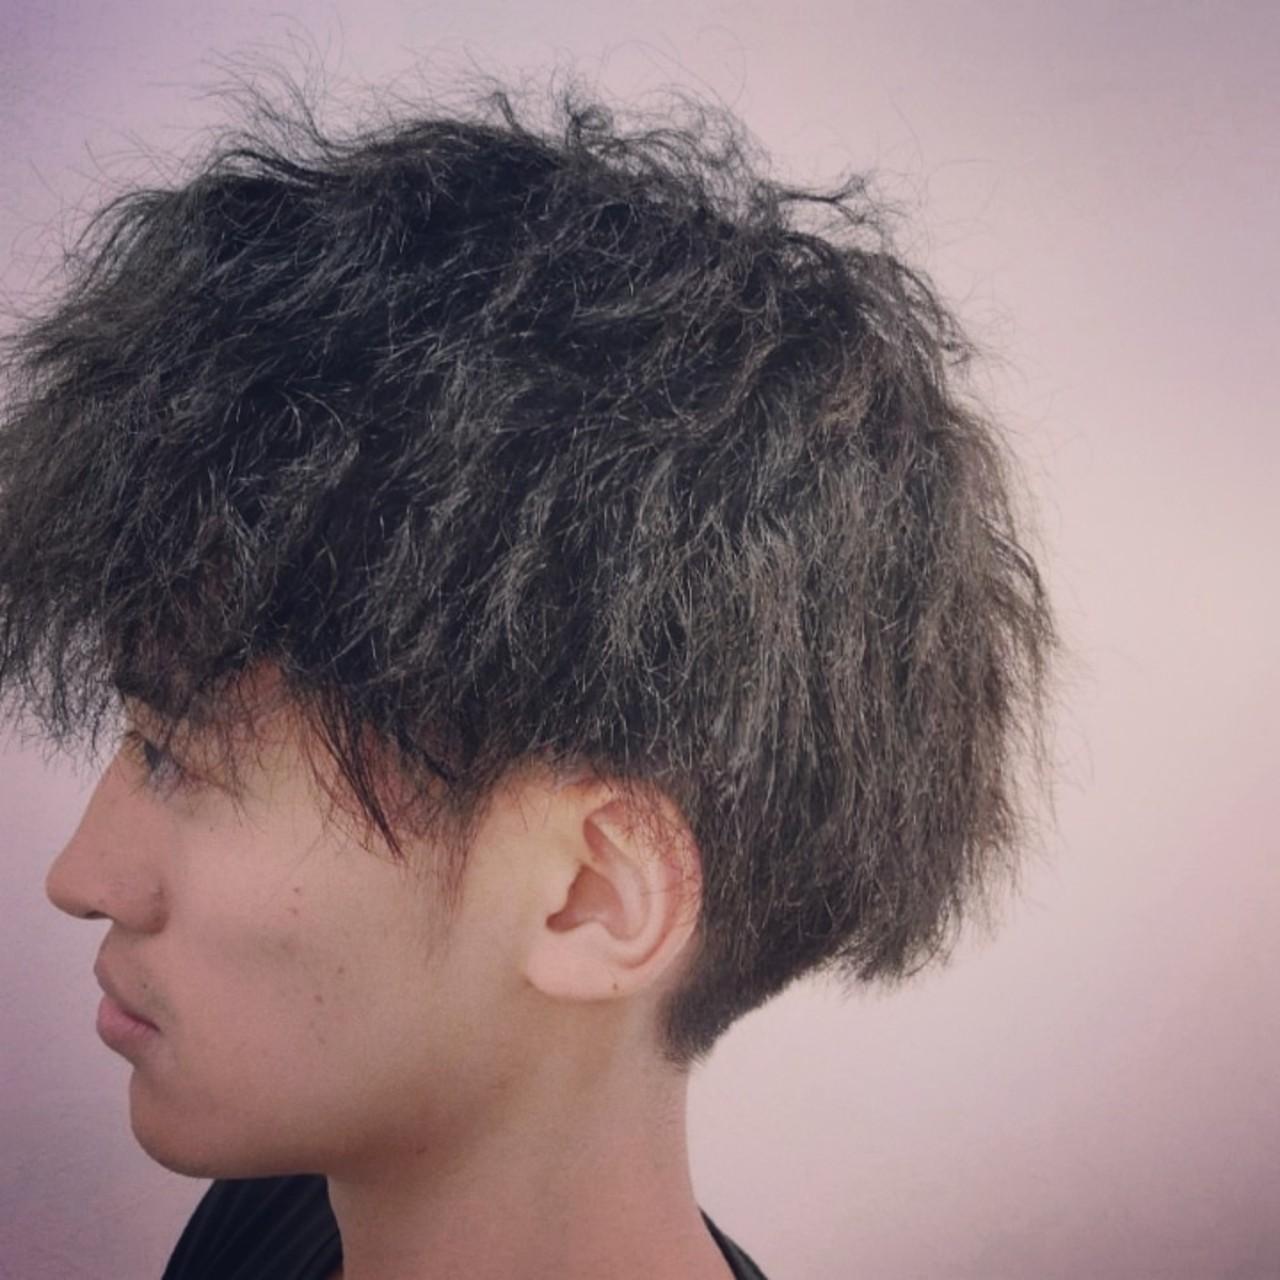 スパイラルパーマ メンズショート ストリート ショート ヘアスタイルや髪型の写真・画像